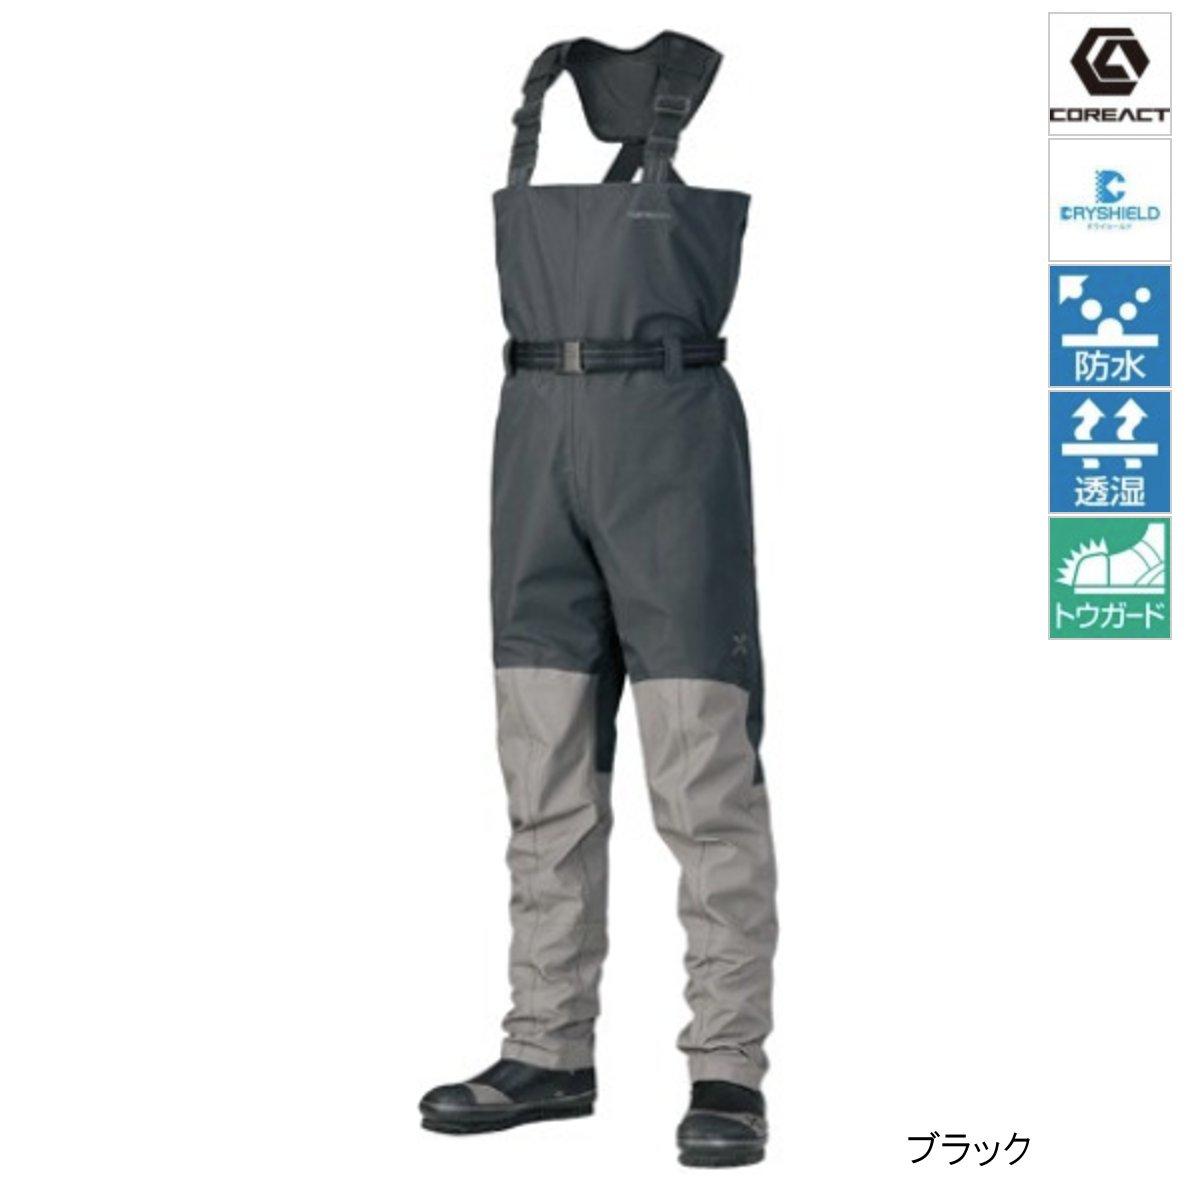 シマノ XEFO アクトゲーム ウェーダー WA-228R M ブラック(東日本店)